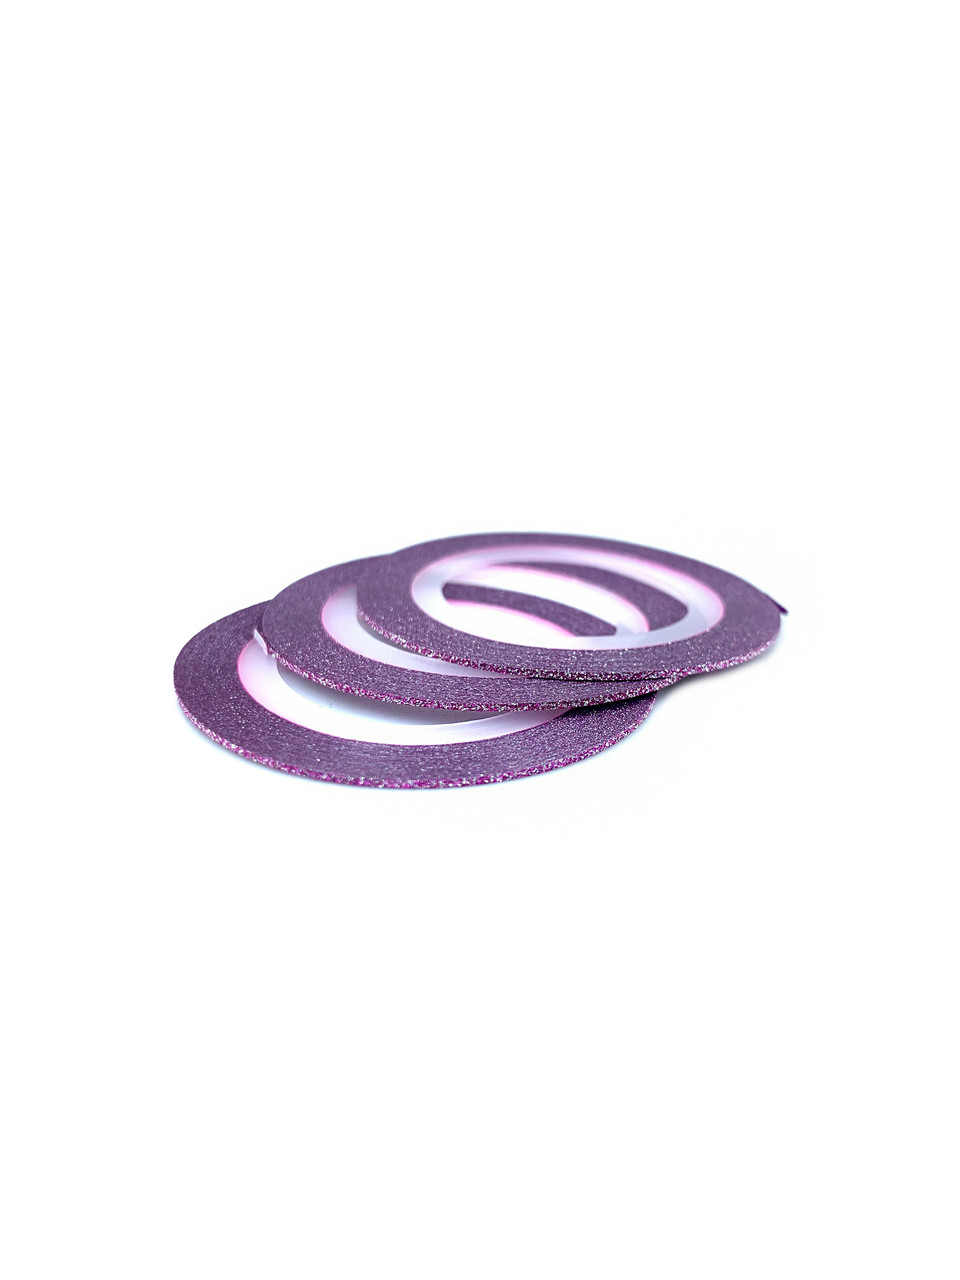 Сахарная нить фиолетовая, 1 мм